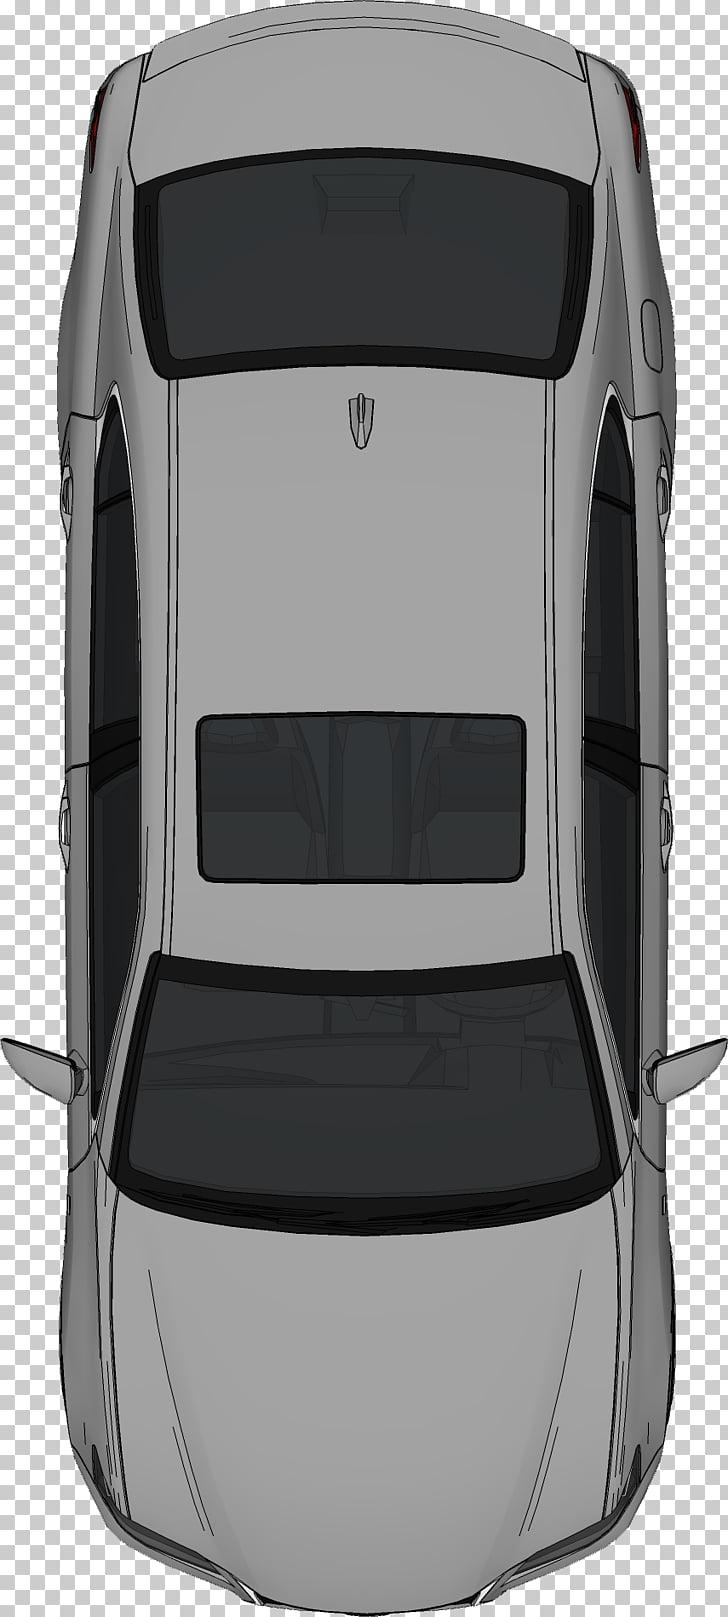 Car , bed top view, grey sedan PNG clipart.